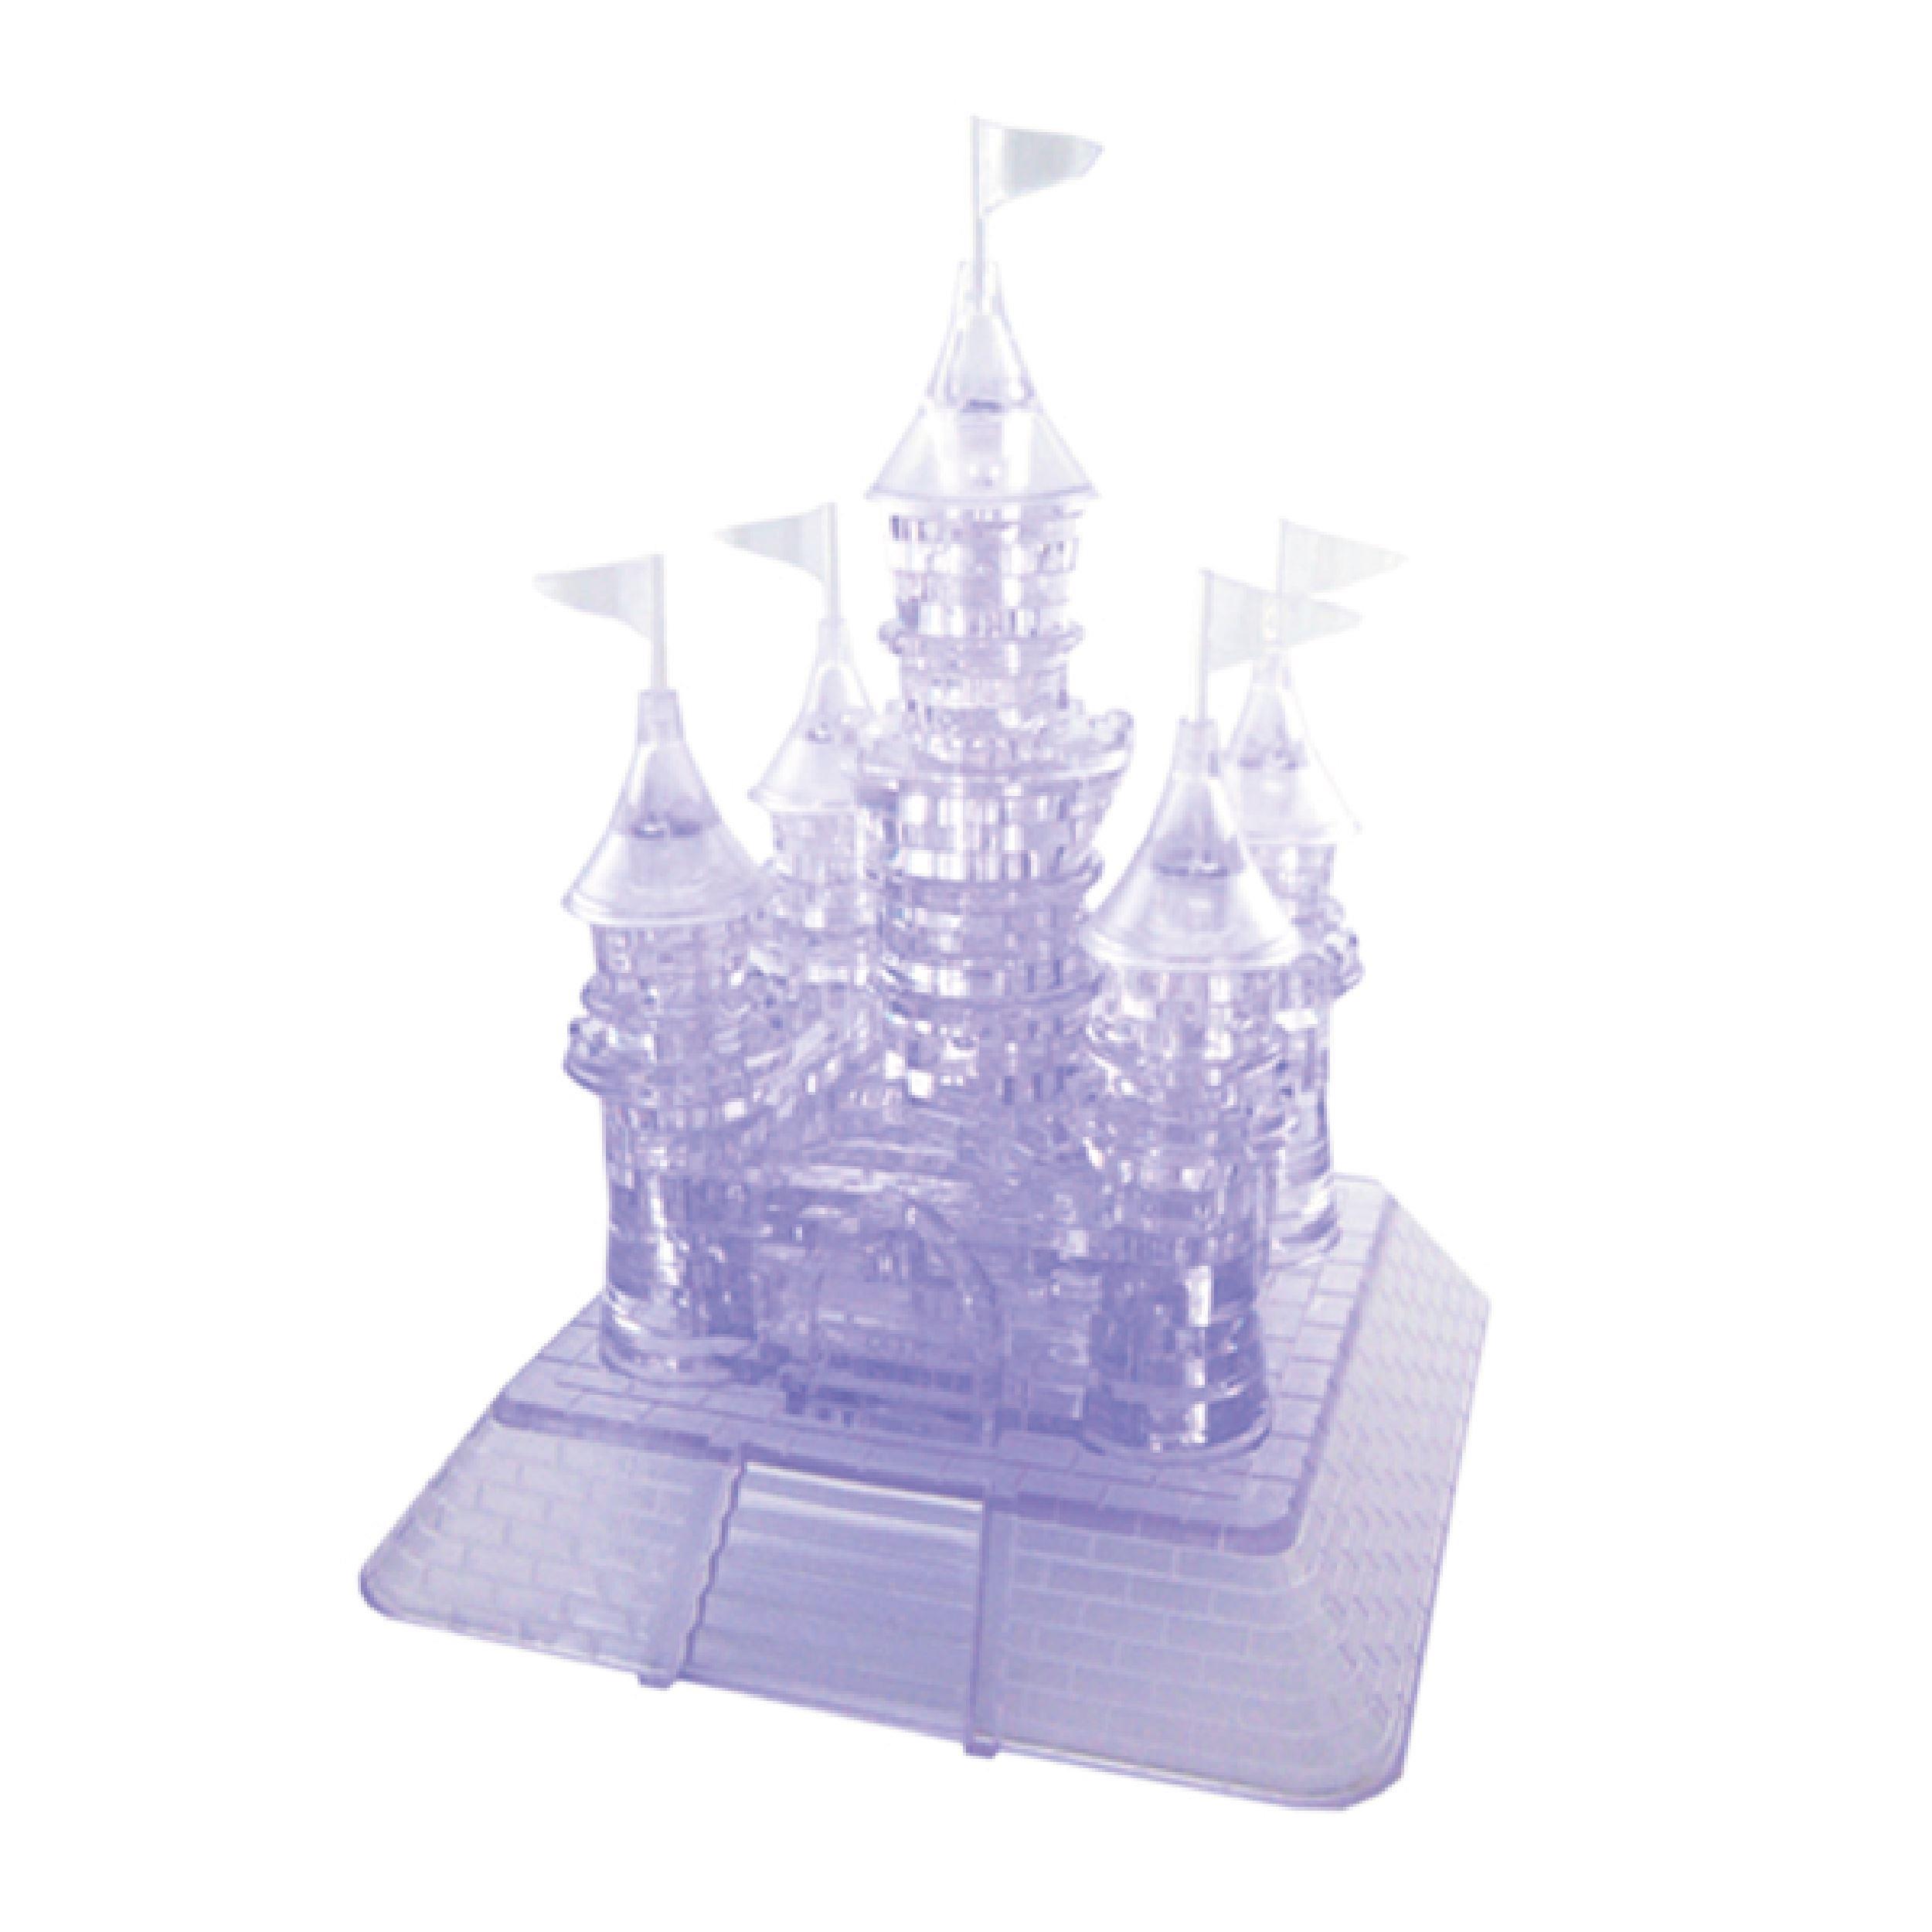 【3D立體水晶拼圖】夢幻城堡